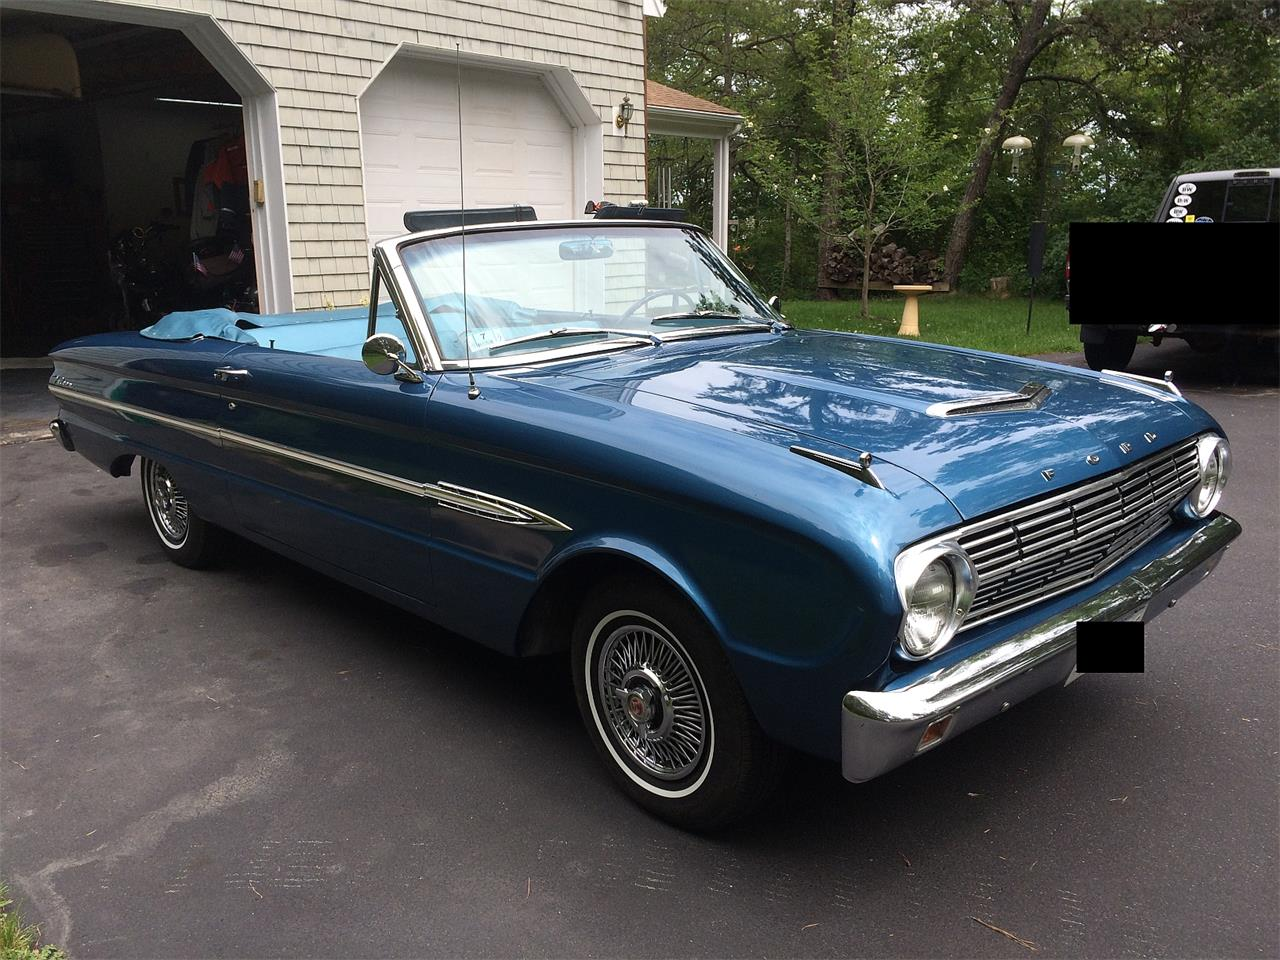 1963 Ford Falcon Futura (CC-1222928) for sale in Cape Cod, Massachusetts